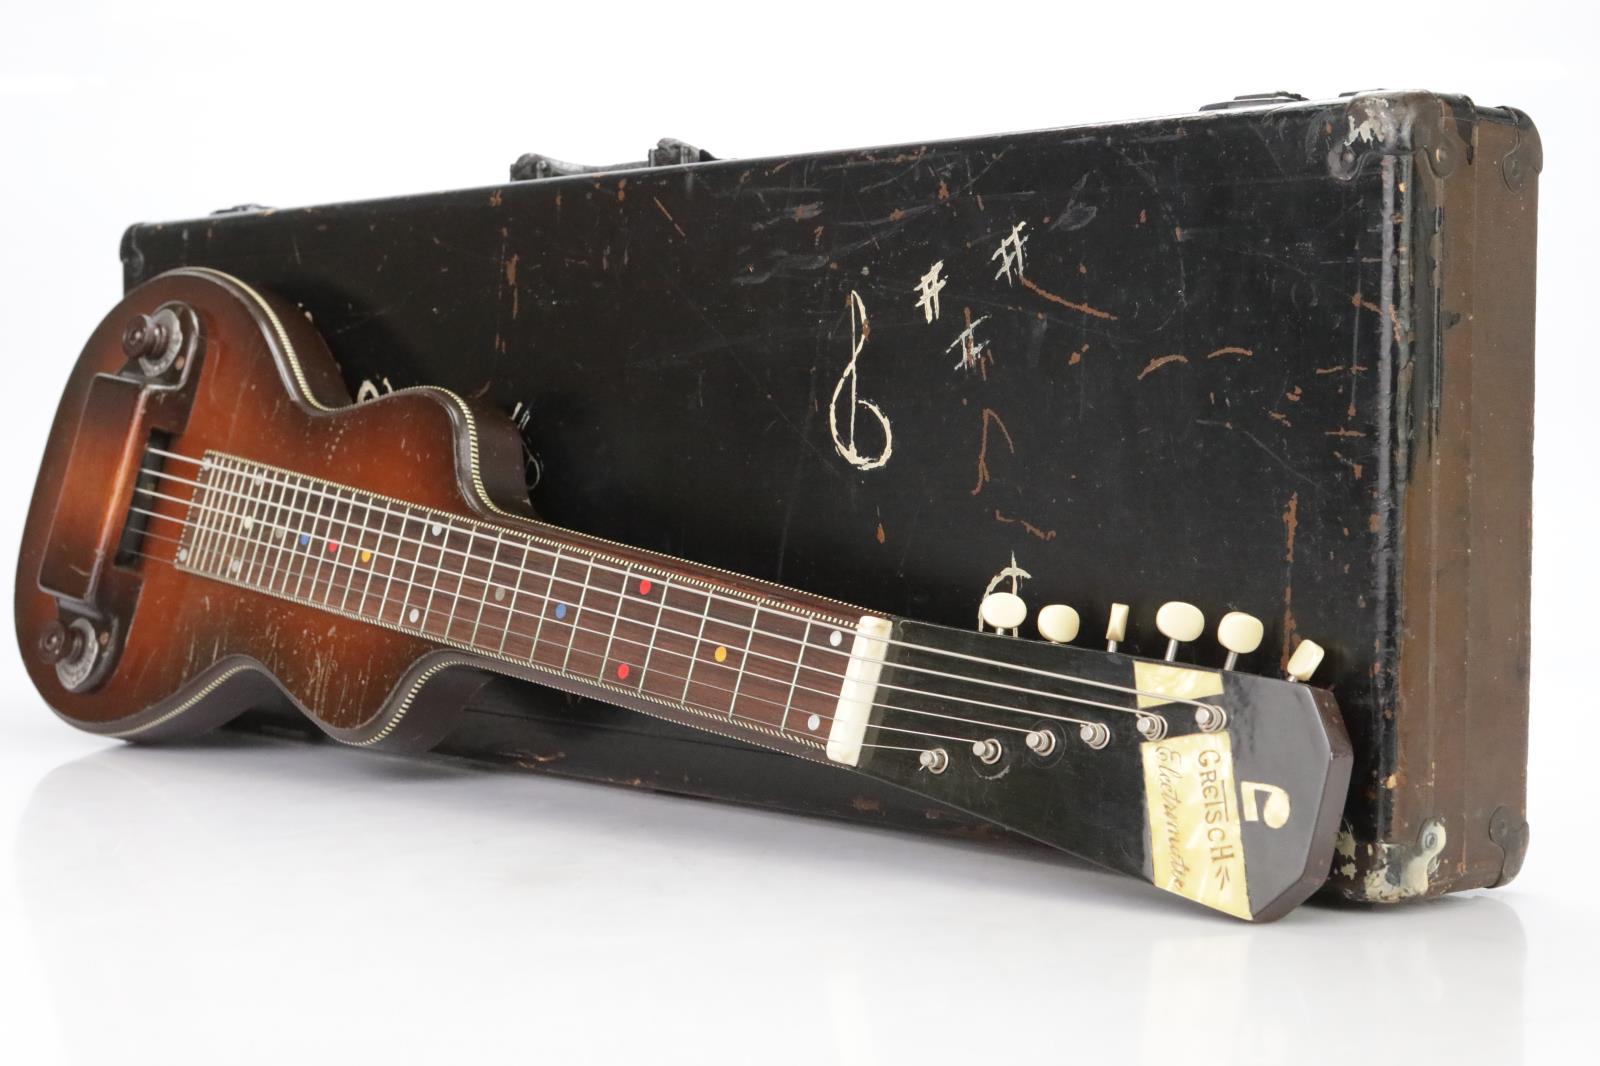 1940s Gretsch Electromatic Lap Steel